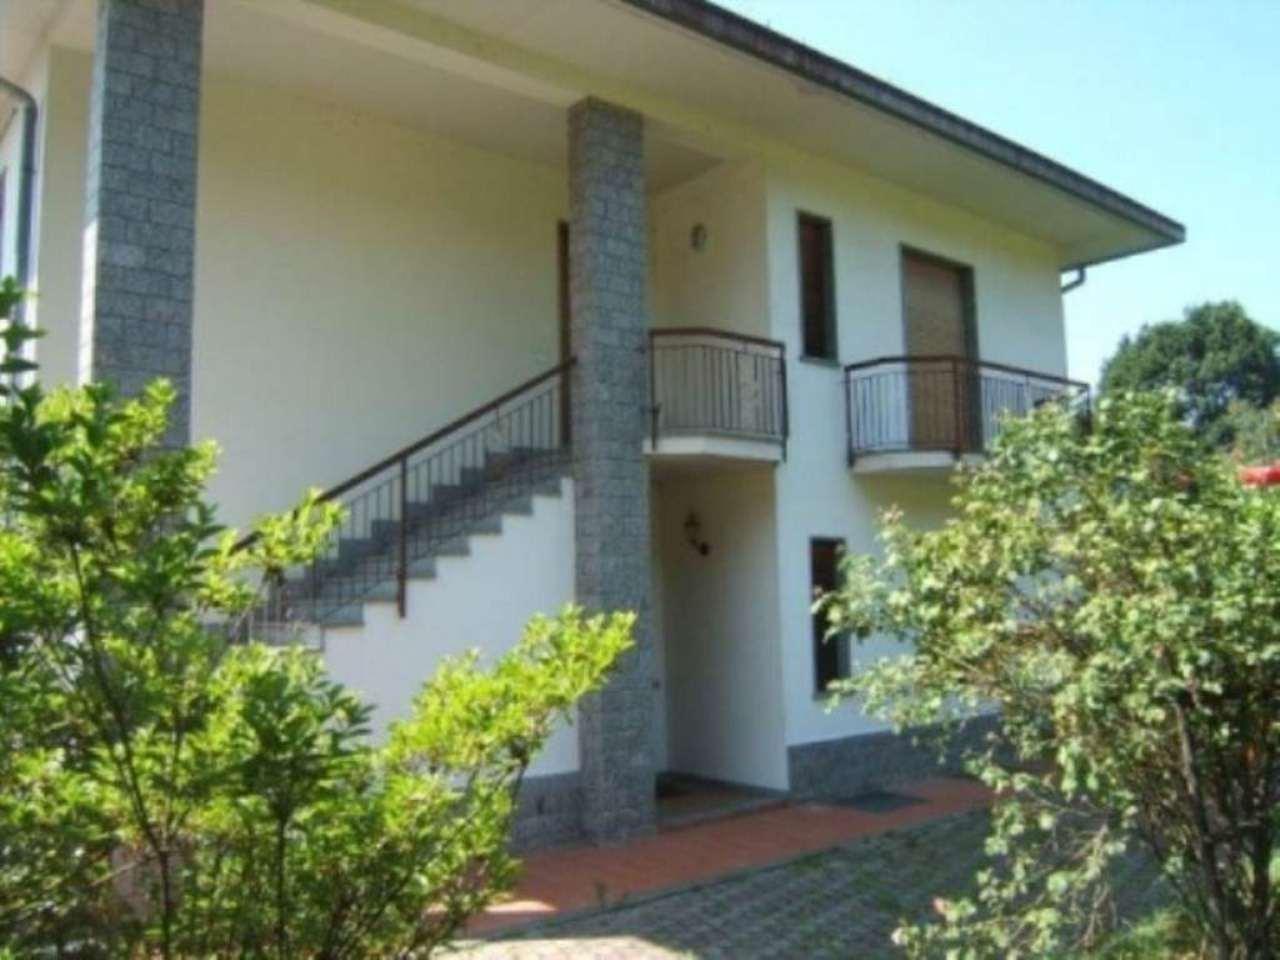 Villa in vendita a Taino, 6 locali, prezzo € 310.000 | Cambio Casa.it